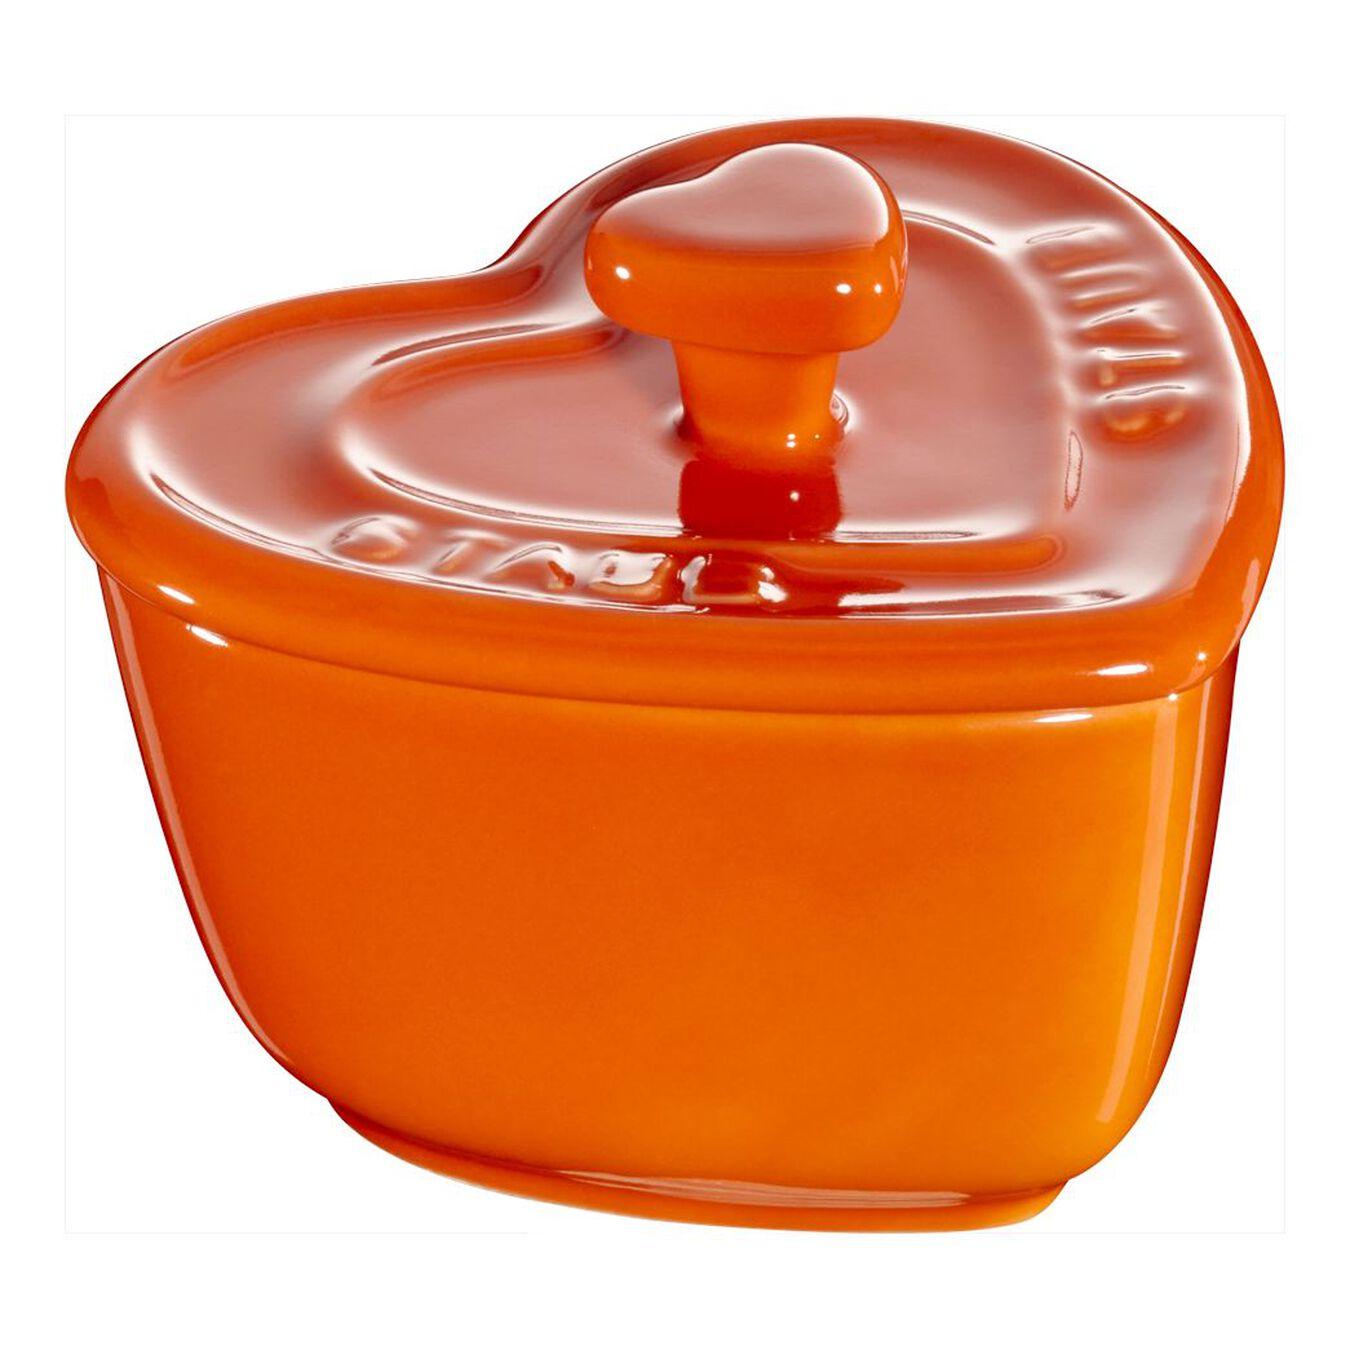 Cocotte Set 2-tlg, Herz, Orange, Keramik,,large 1